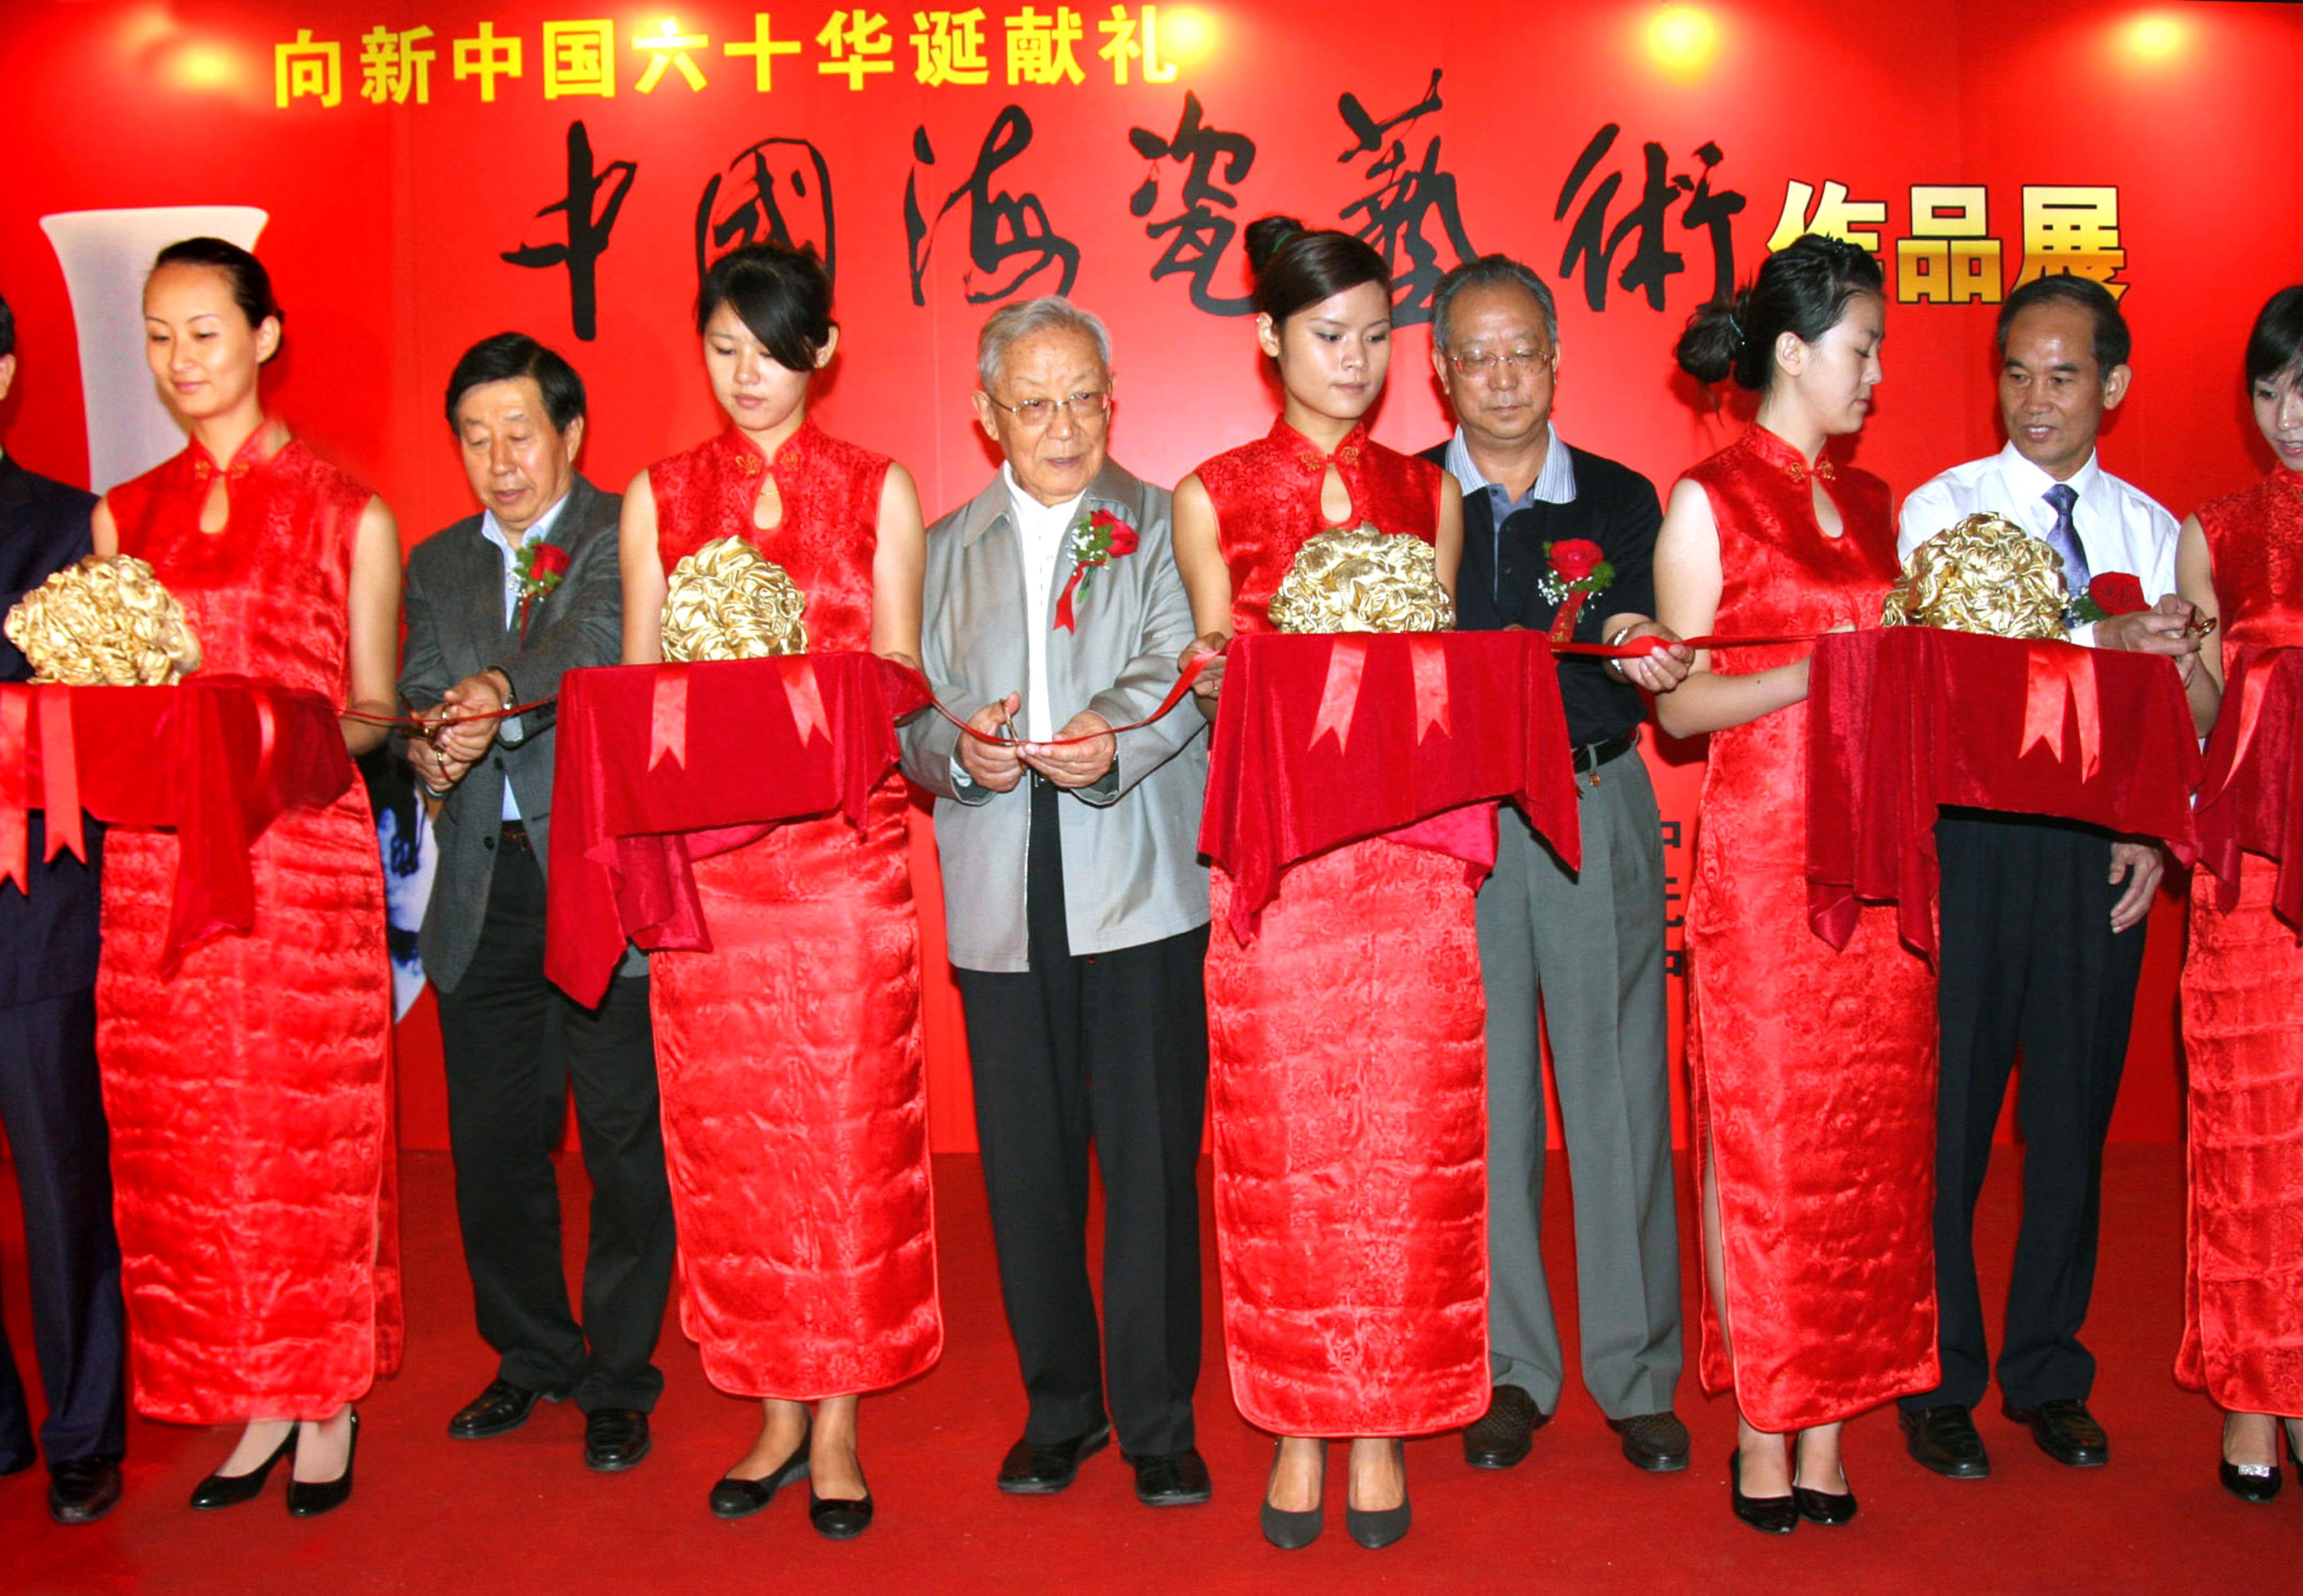 中国海瓷艺术作品亮相京城